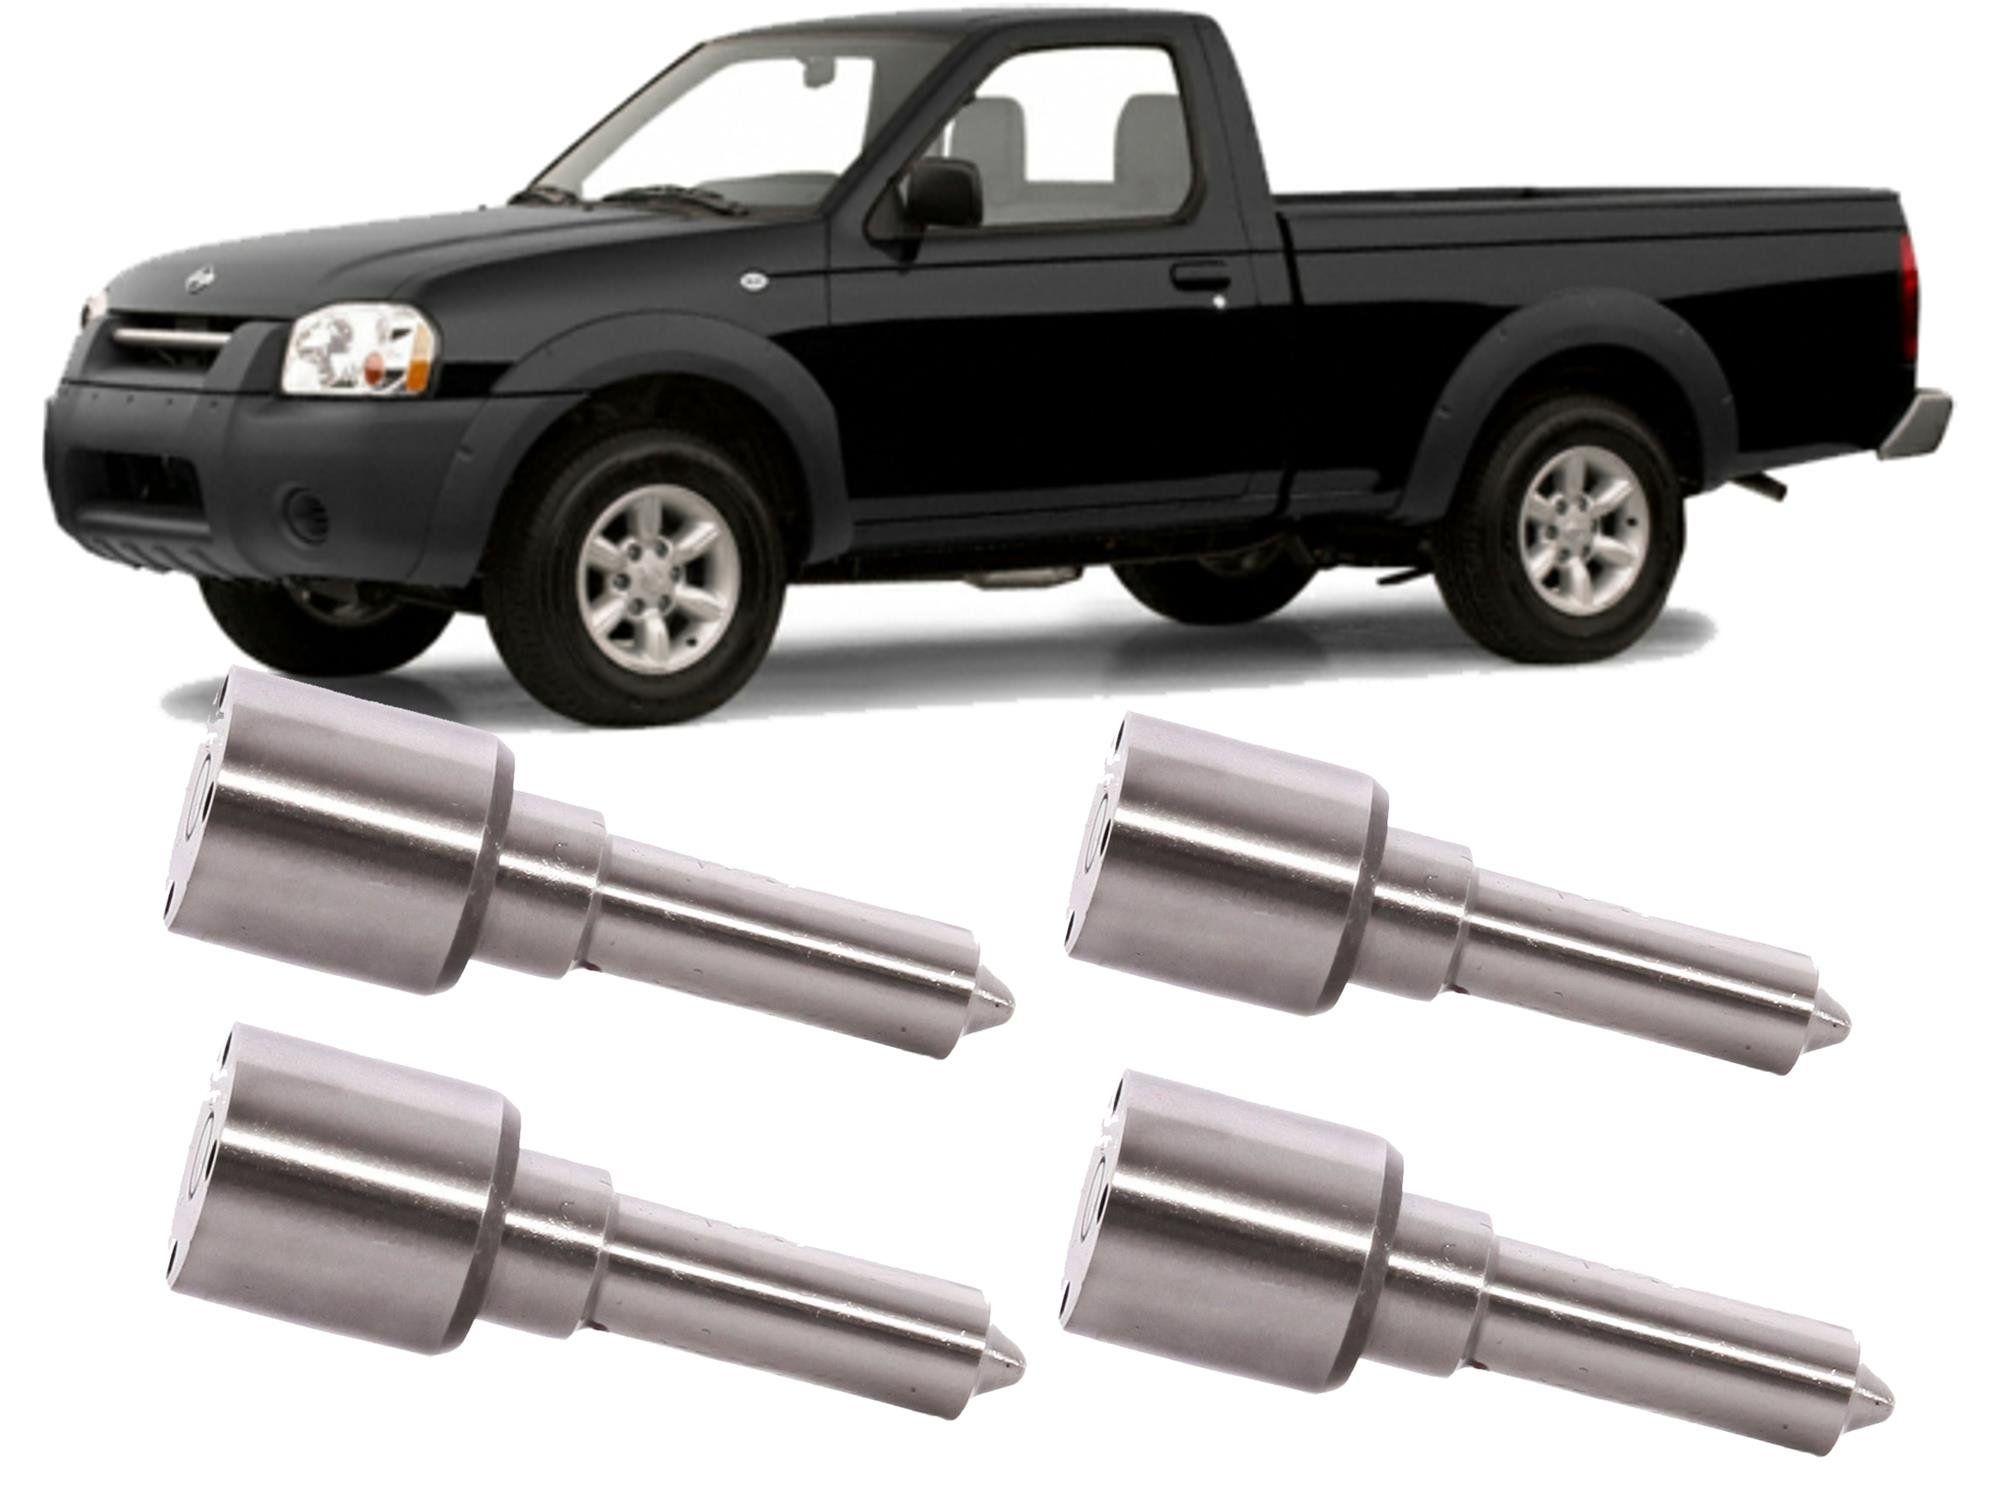 Kit 4 Bico Injetor Diesel Nissan Frontier e X-Terra 2.8 Mwm Turbo Intercooler de 2000 a 2005 - DSLA145P975